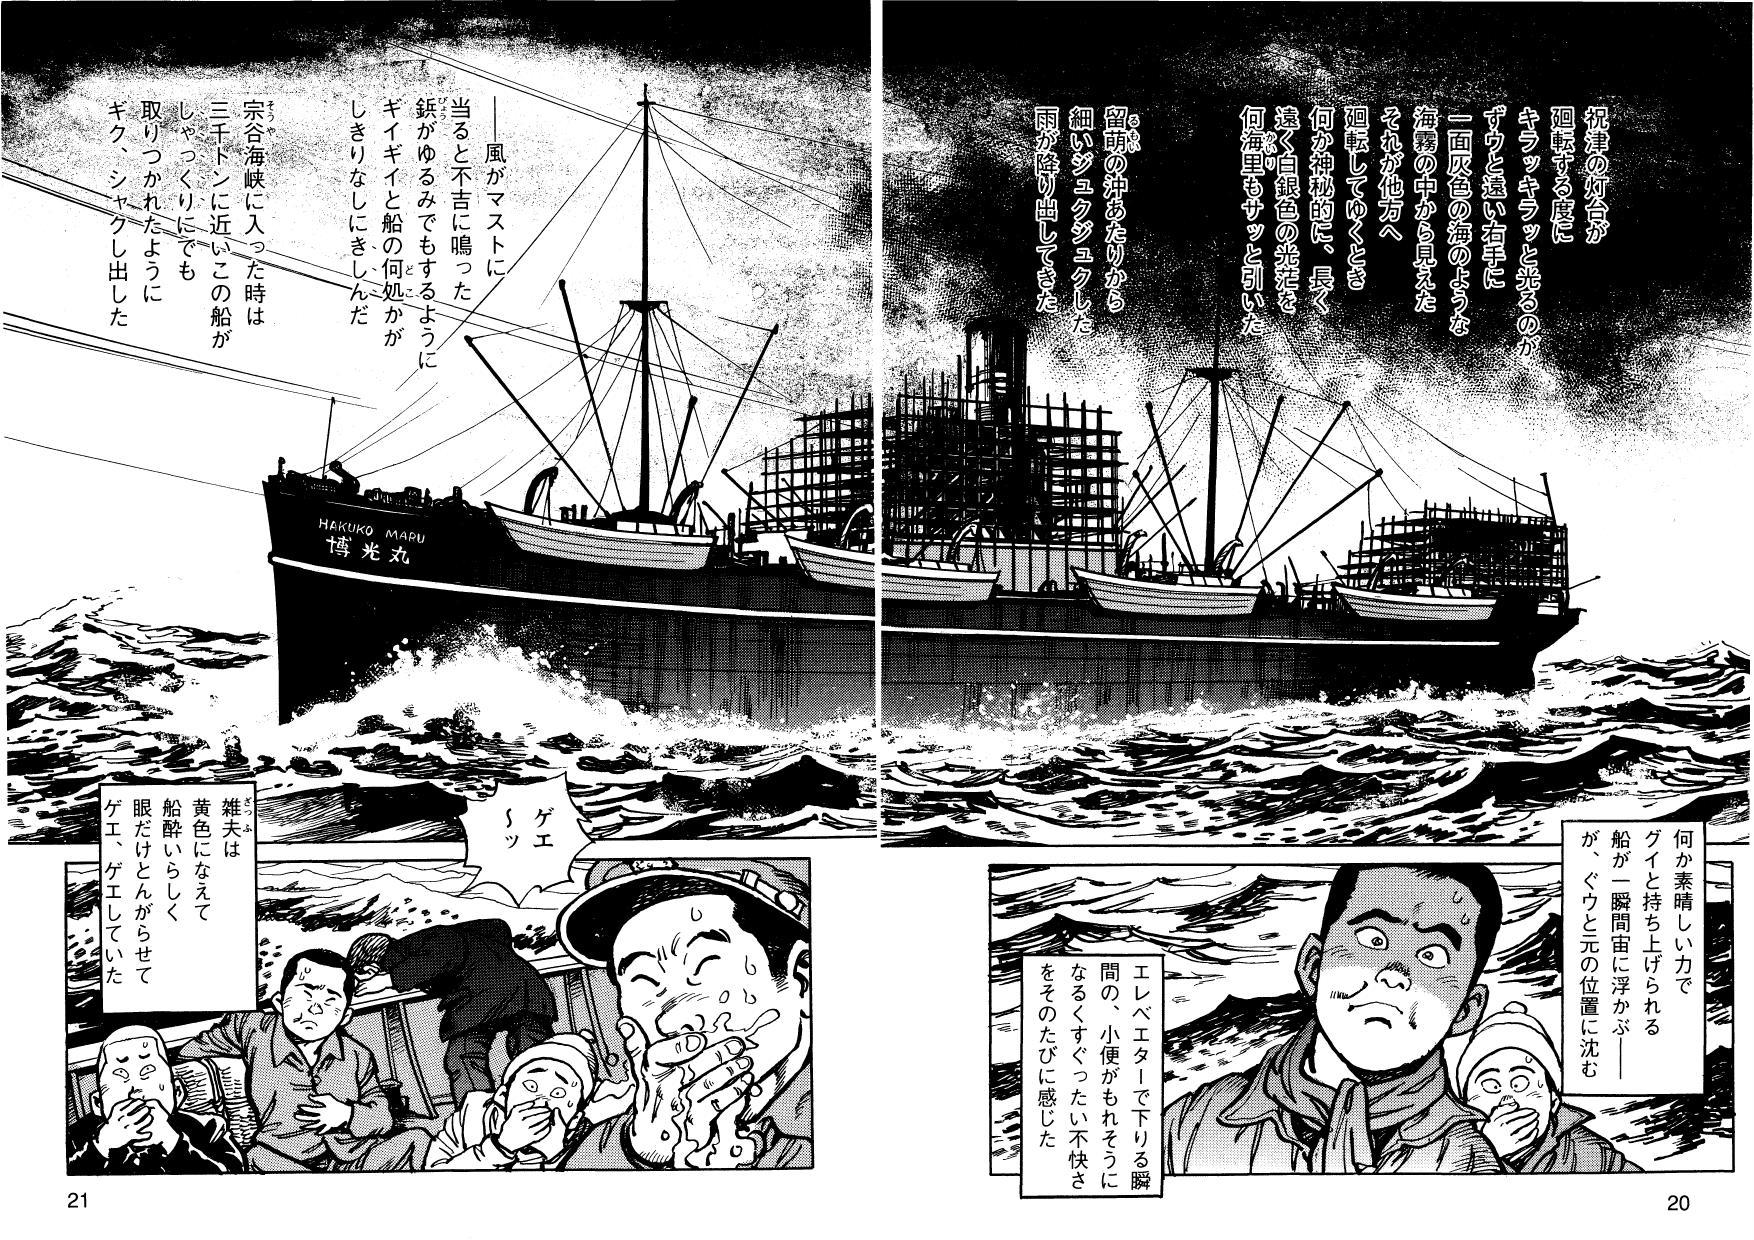 kani_cmc_000011.jpg